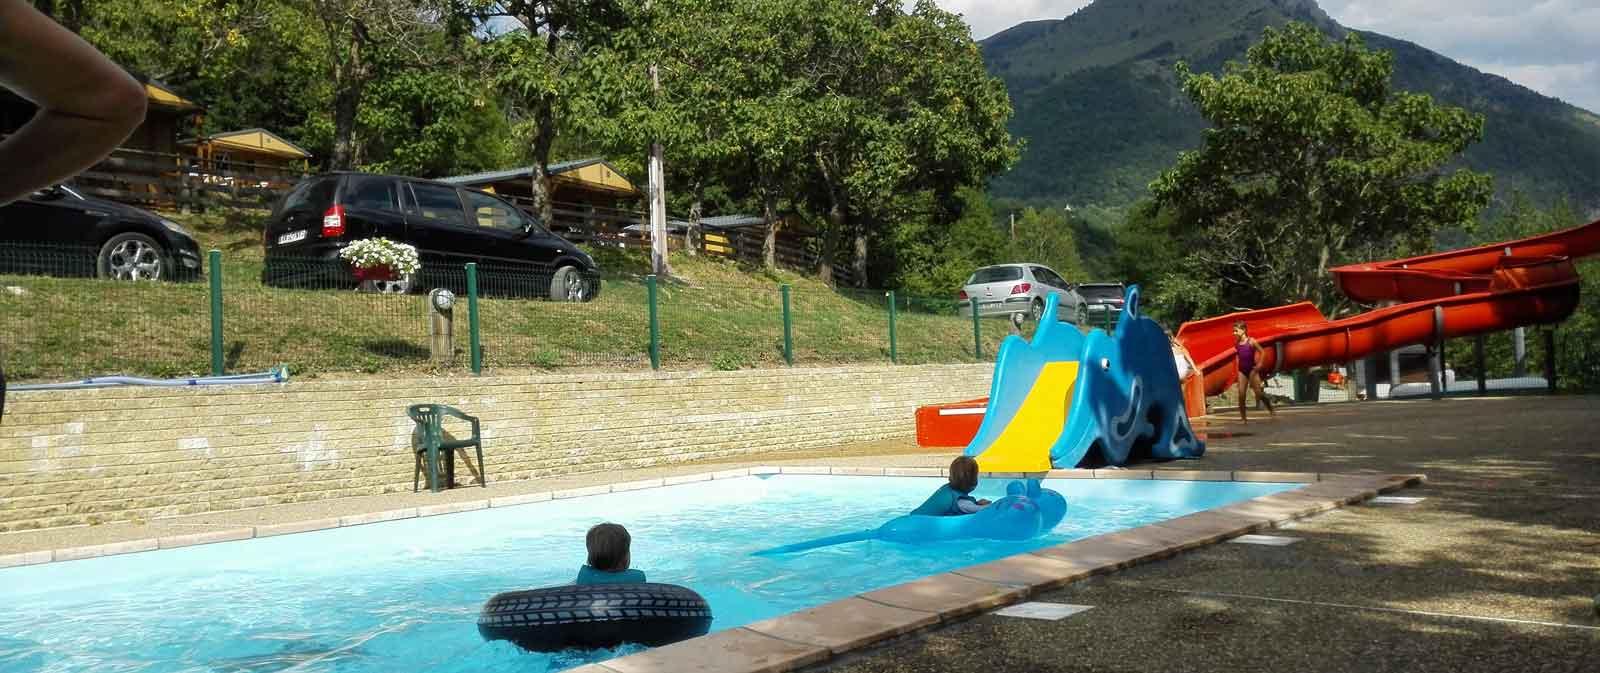 Petit Camping Dans Le Pays De Corps En Isère Au Lac De Sautet avec Camping Isère Avec Piscine